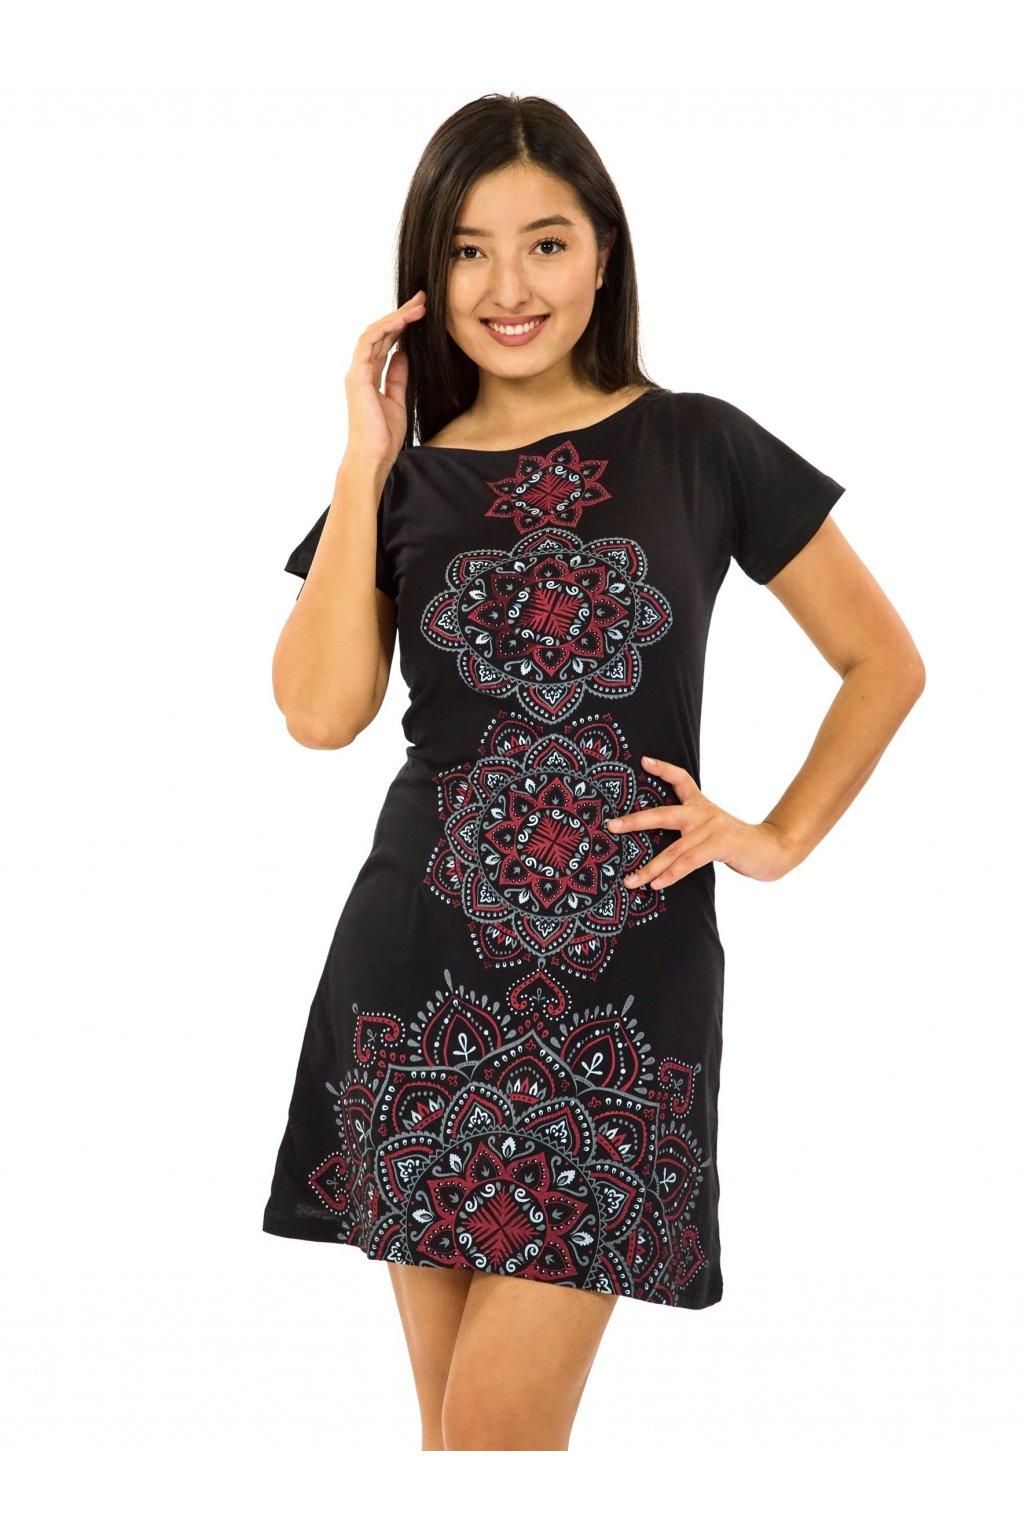 Šaty s krátkým rukávem Amavi - černá s červenou